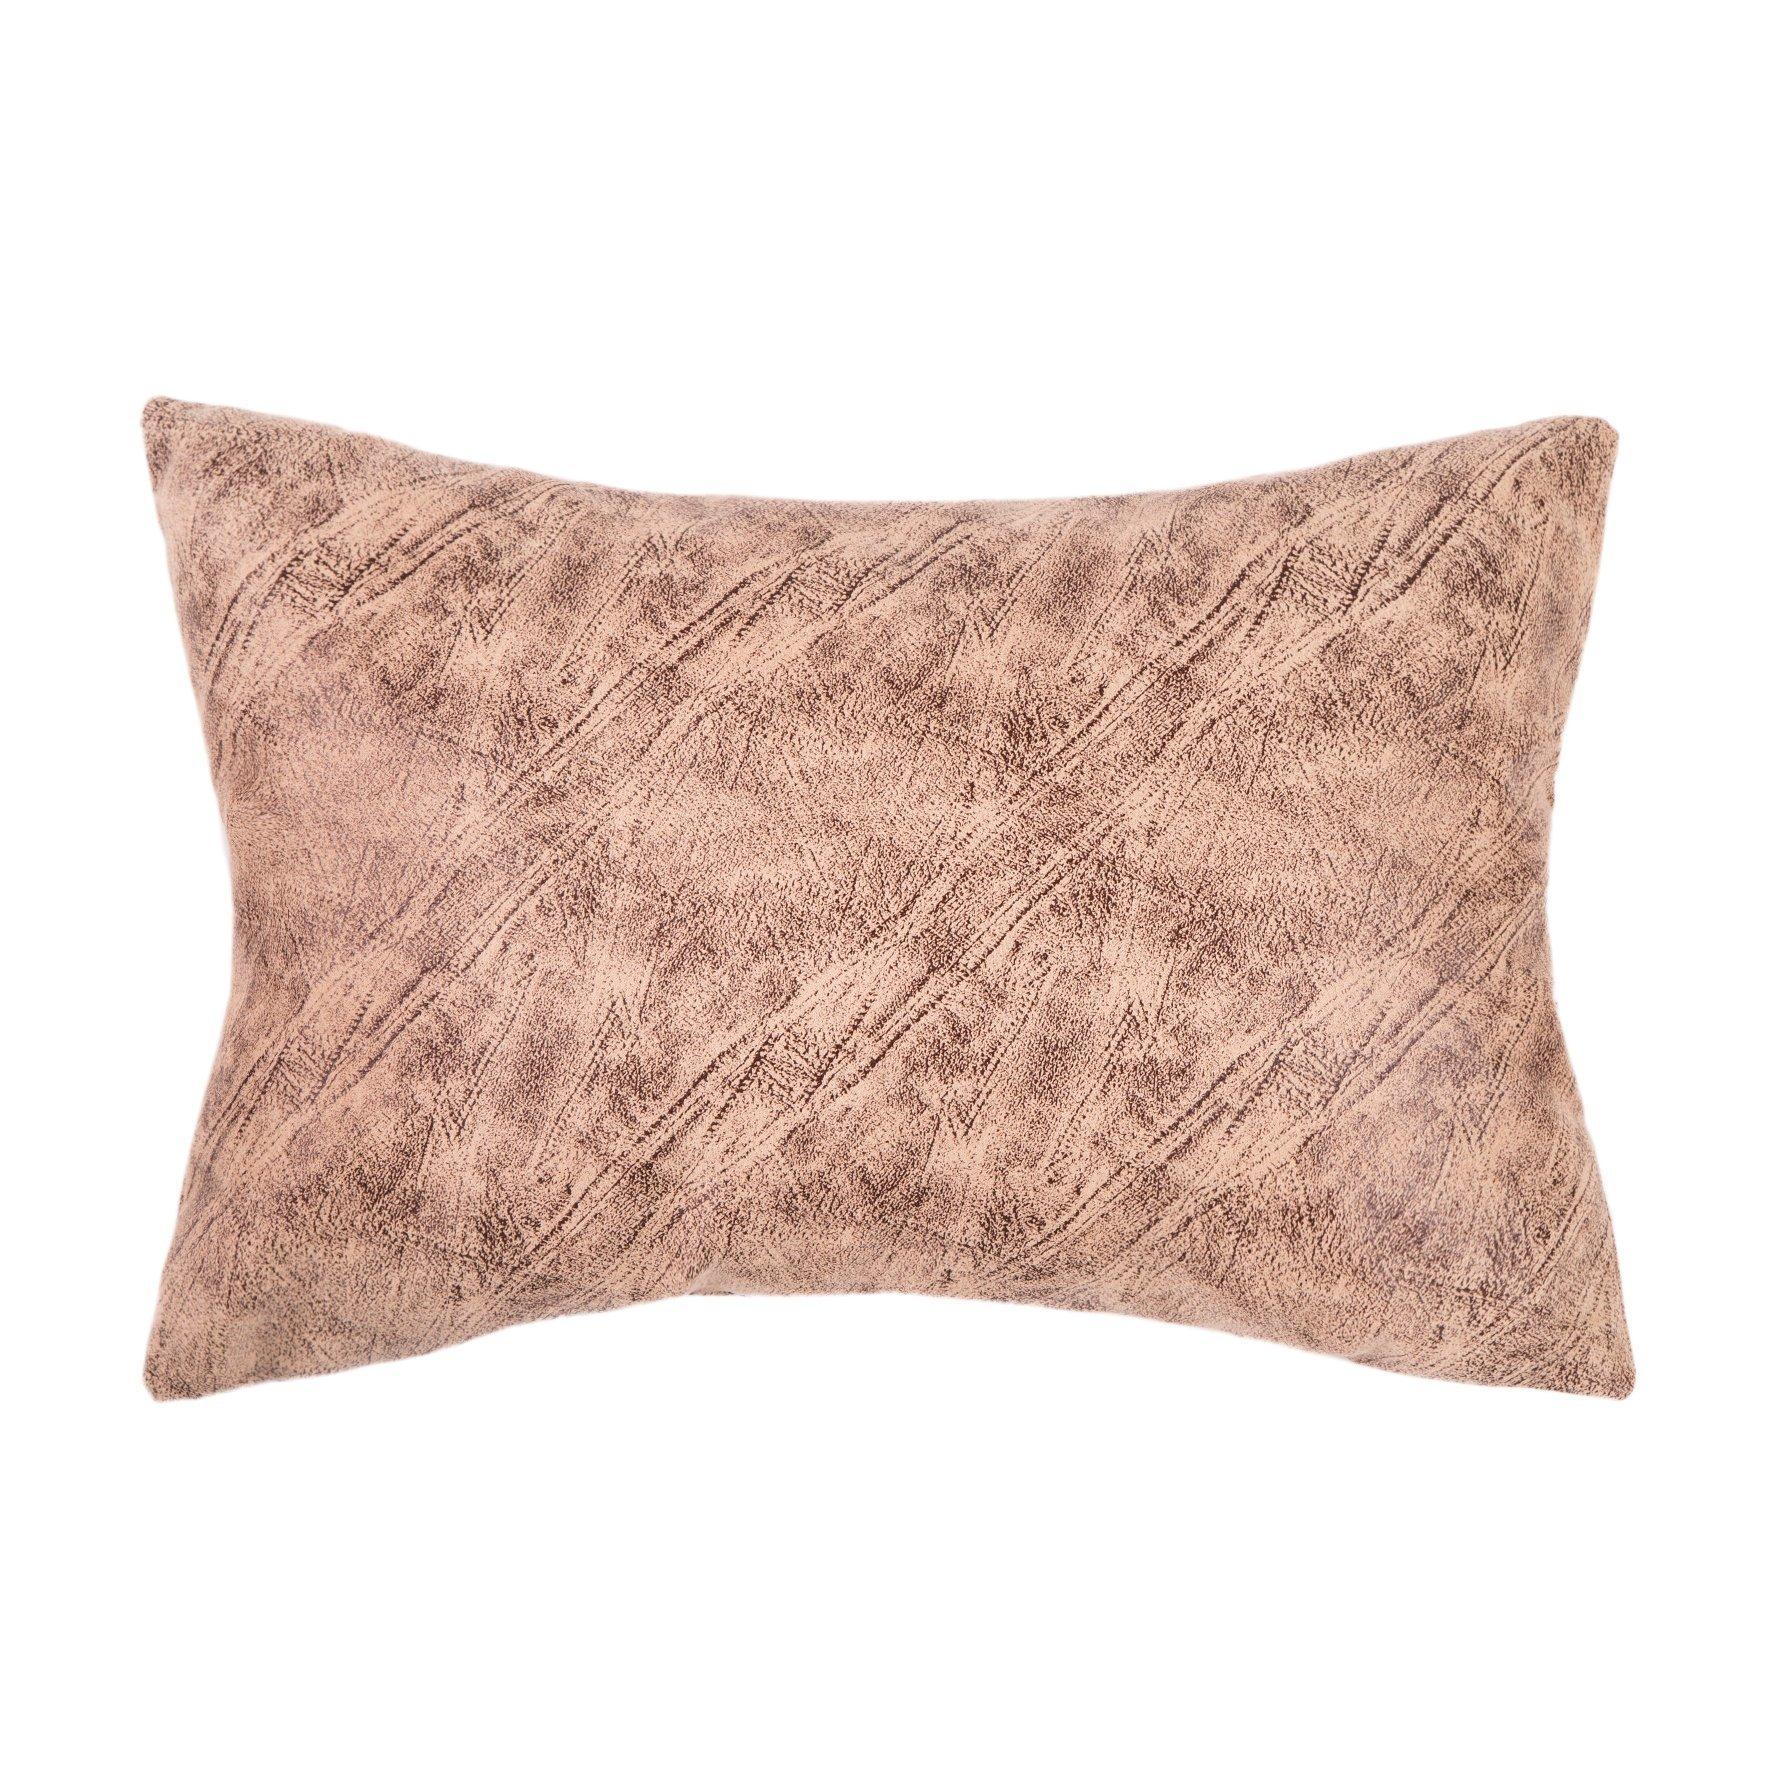 Подушка ВенецияПрямоугольные подушки и наволочки<br>Декоративная подушка &amp;quot;Венеция&amp;quot; станет ярким акцентом в вашем интерьере. Высококачественный материал приятен для кожи и безопасен даже для самой чувствительной кожи.  Оригинальный дизайнерский принт сделает пространство стильным и своеобразным.  Красивый рисунок на ткани станет ярким акцентом в вашем декоре.<br><br>Material: Текстиль<br>Length см: None<br>Width см: 60<br>Depth см: 10<br>Height см: 40